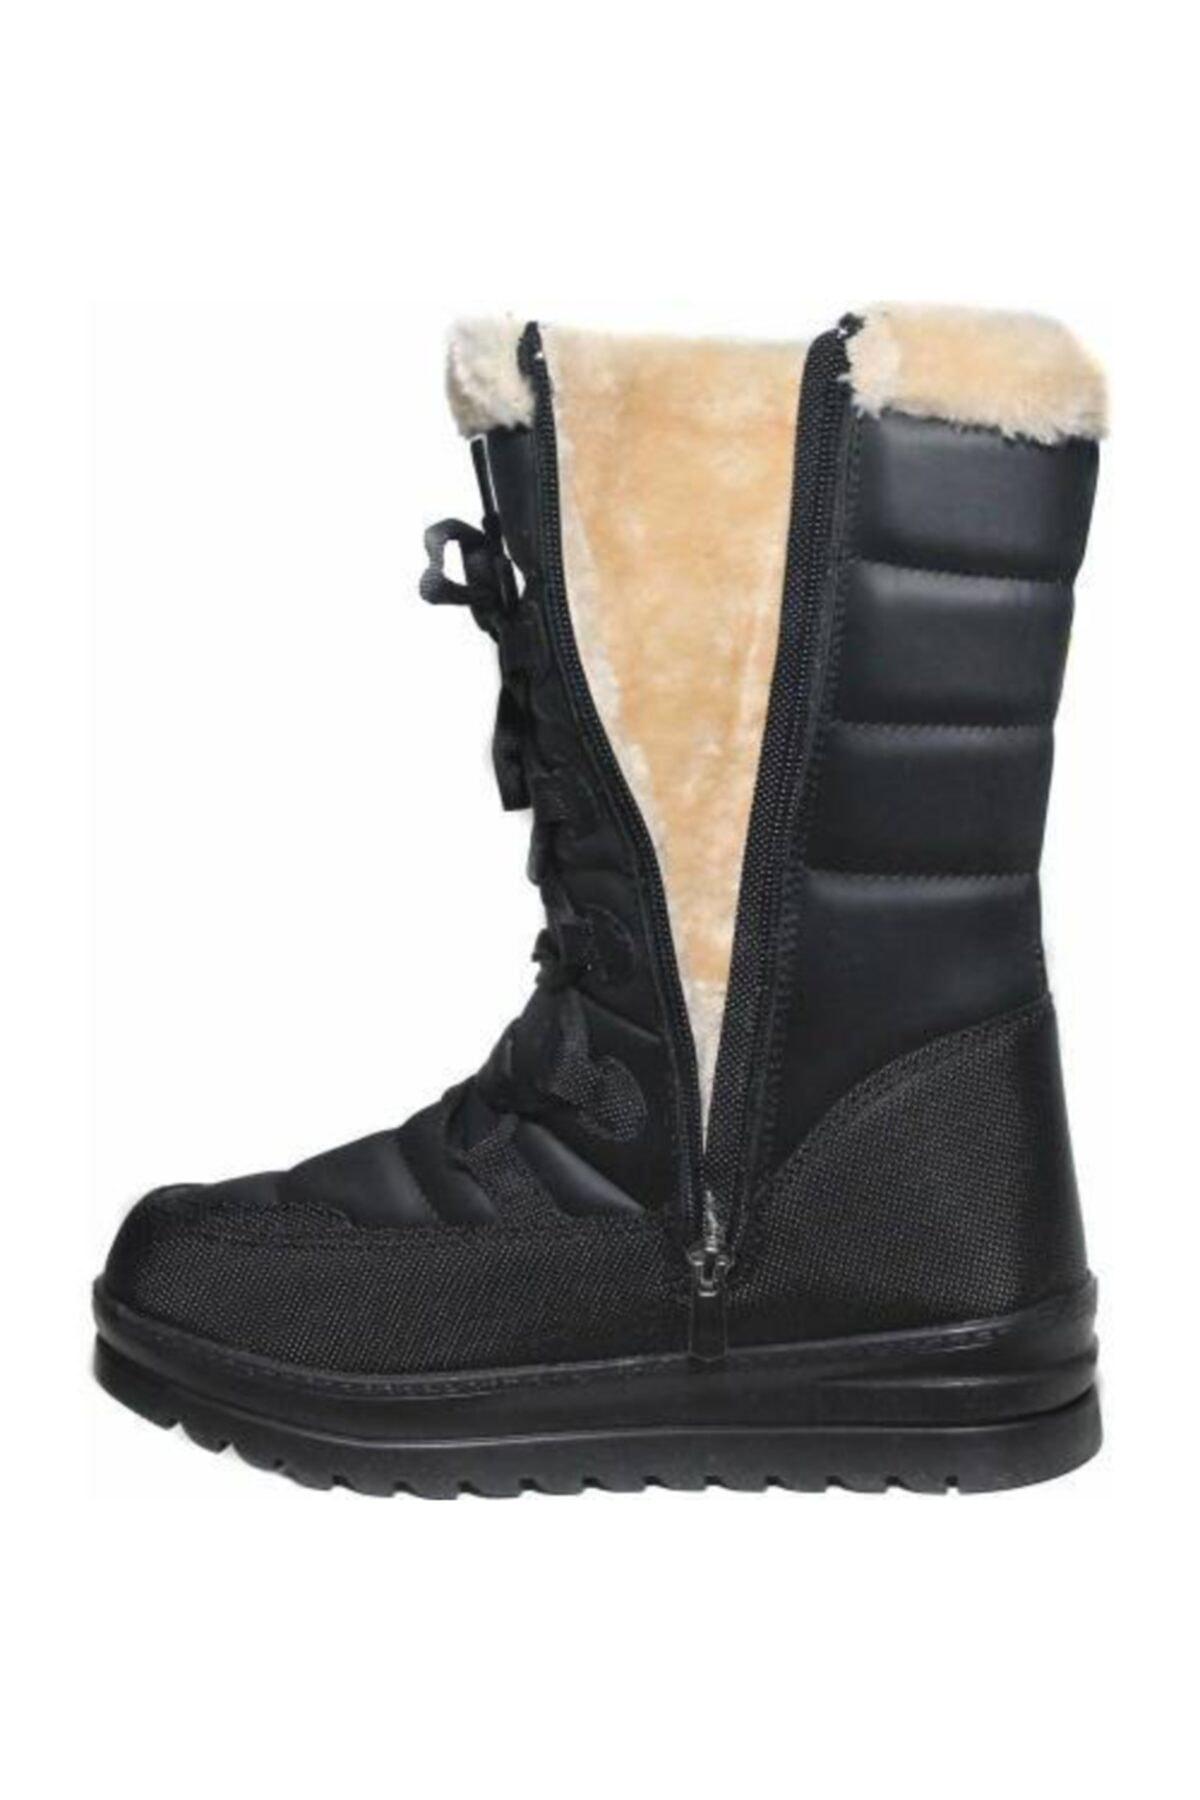 Twingo Arasmoda Bayan Kar Botu Kadın Kar Botu Kışlık Kürklü Fermuarlı Çizme 2